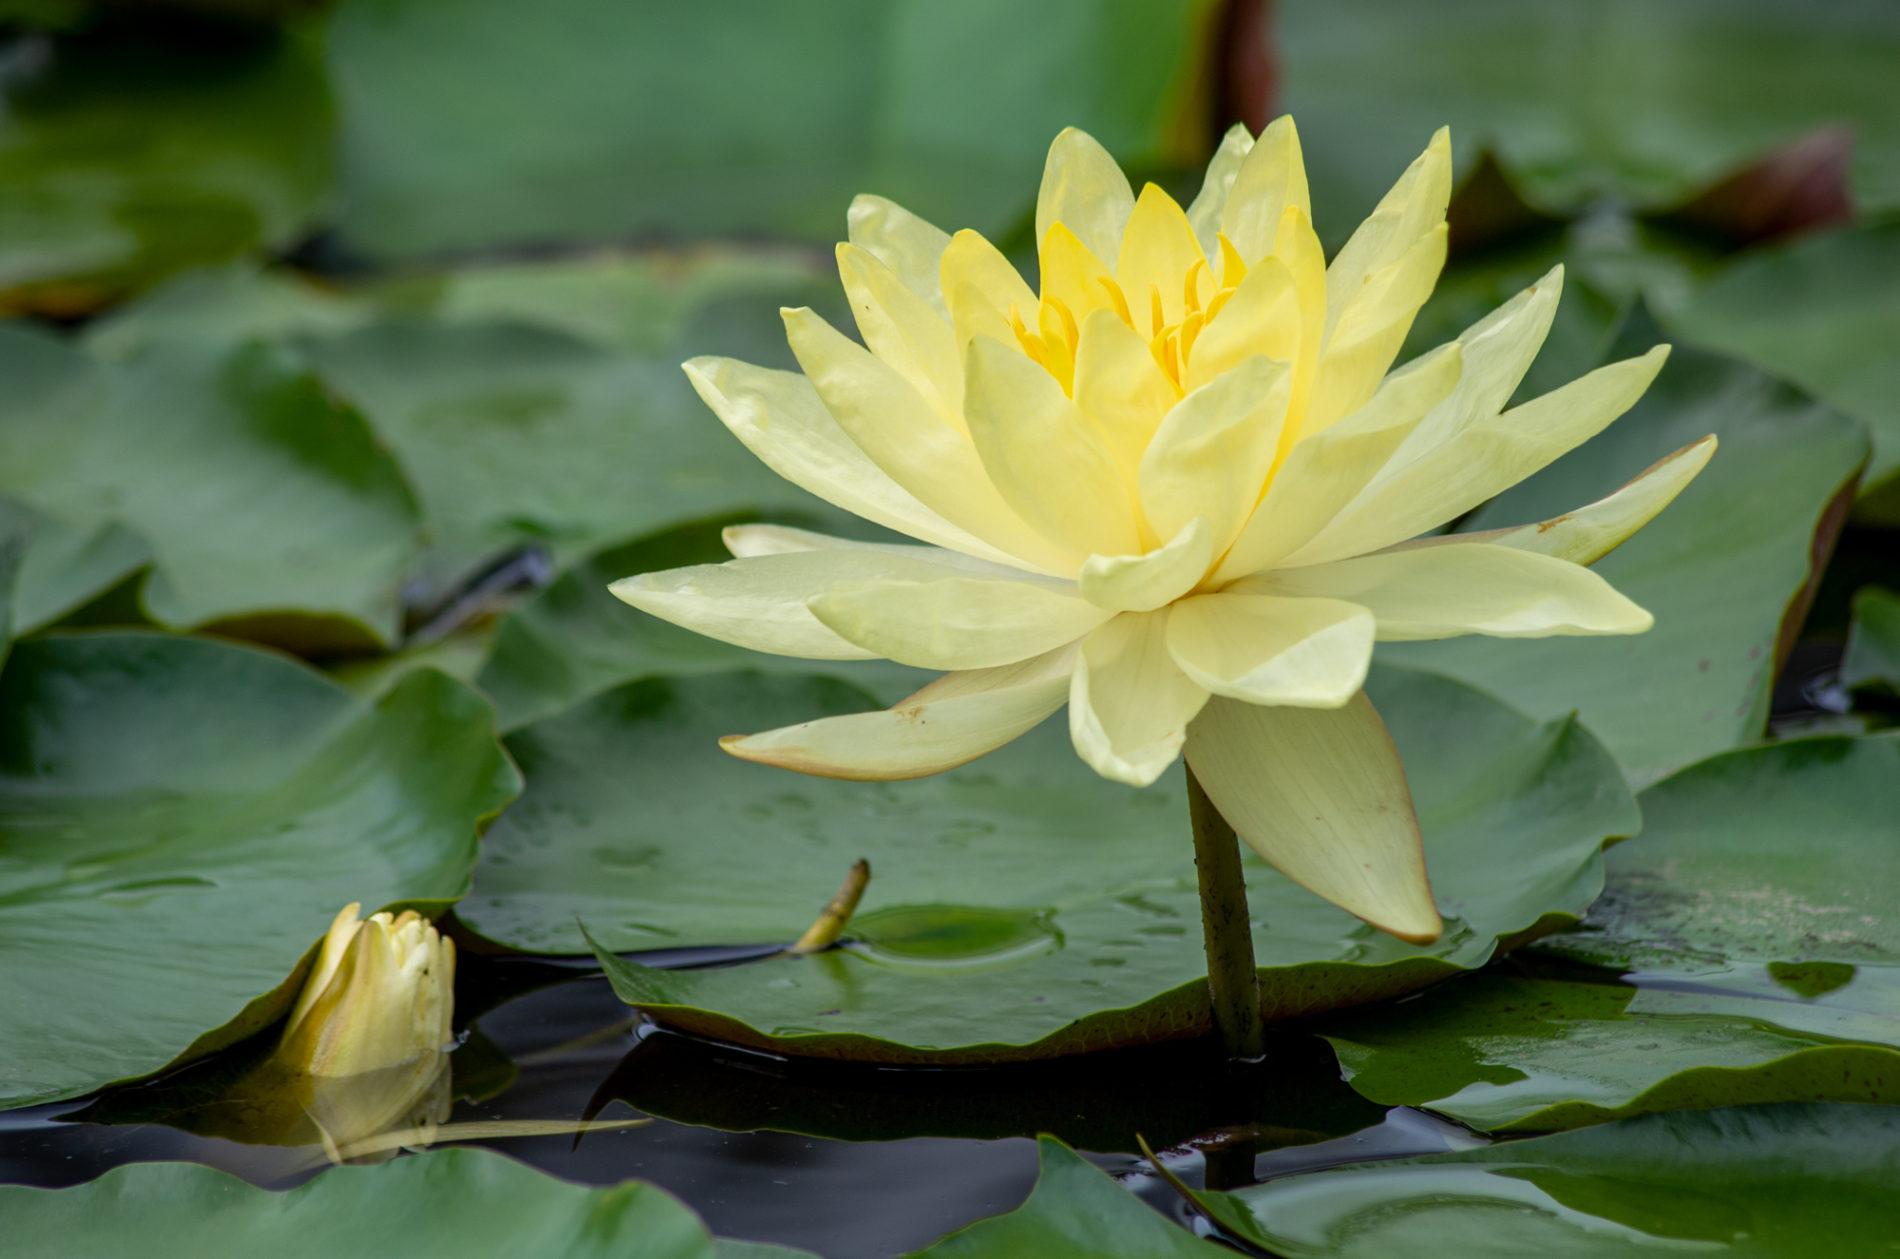 水辺の睡蓮の花